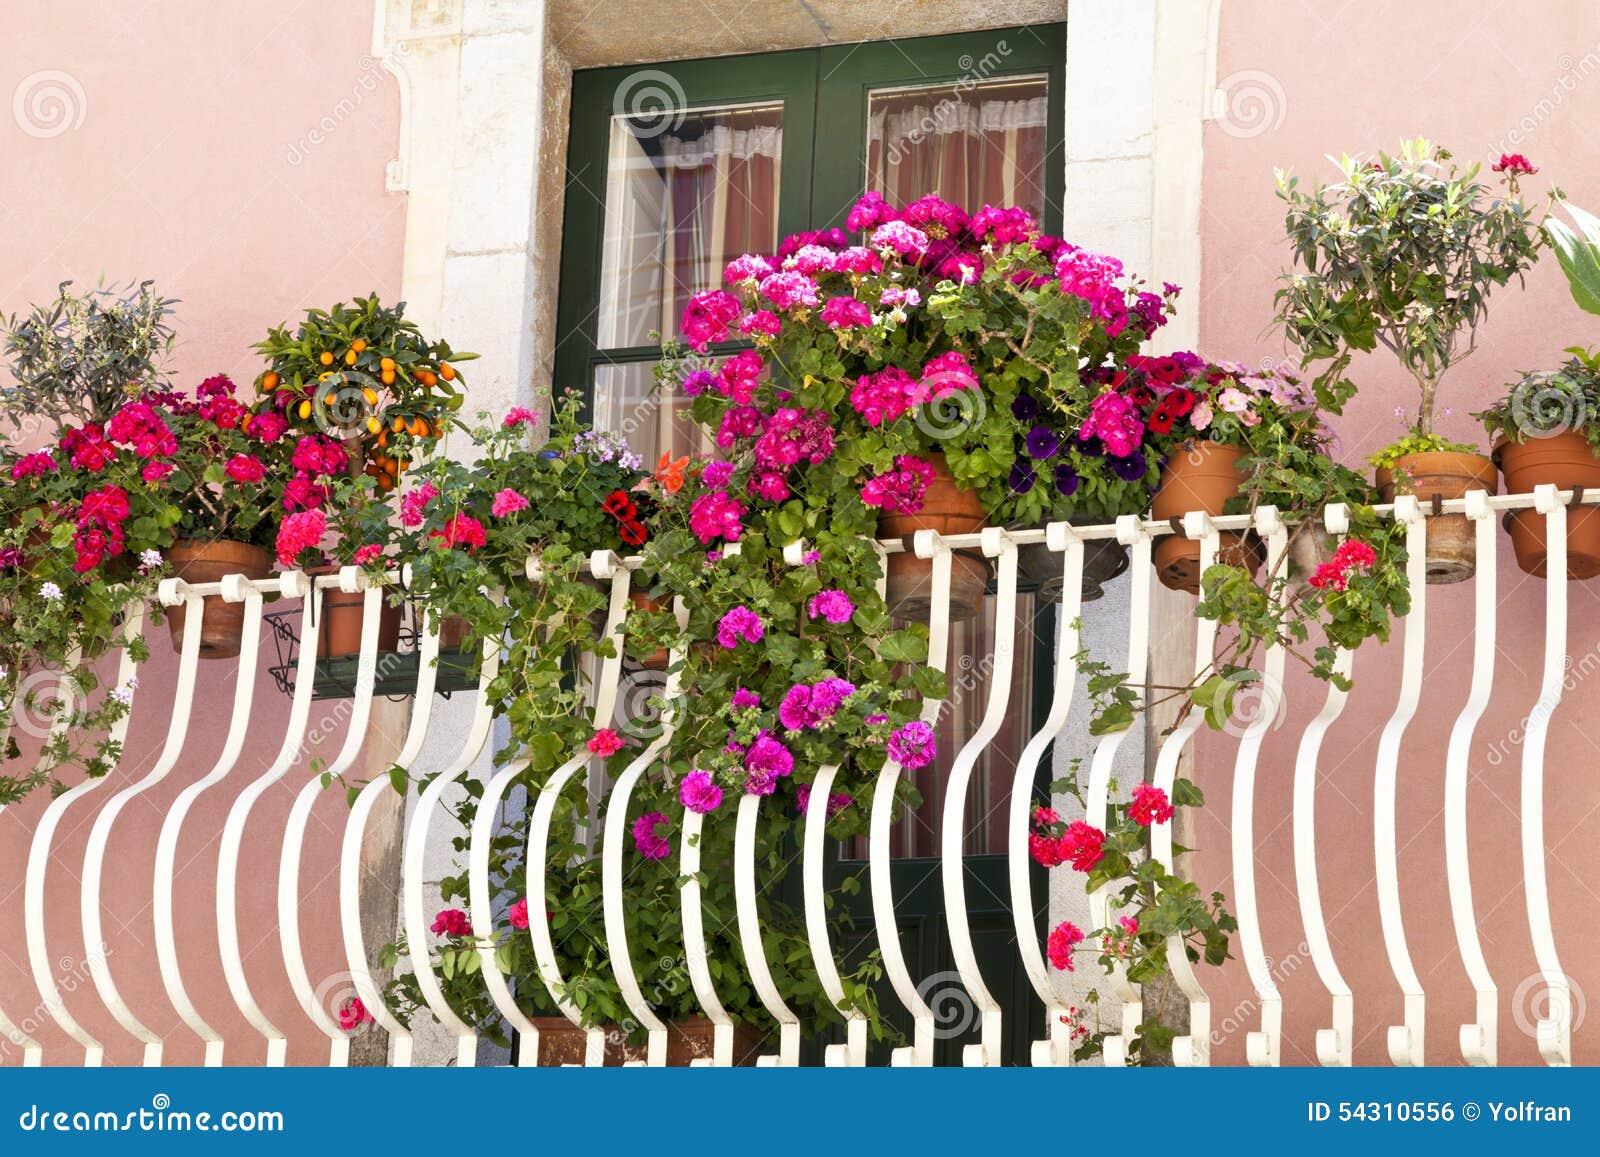 wohnzimmerz: blumen für den balkon with balkonblumen für sonnige, Gartengerate ideen